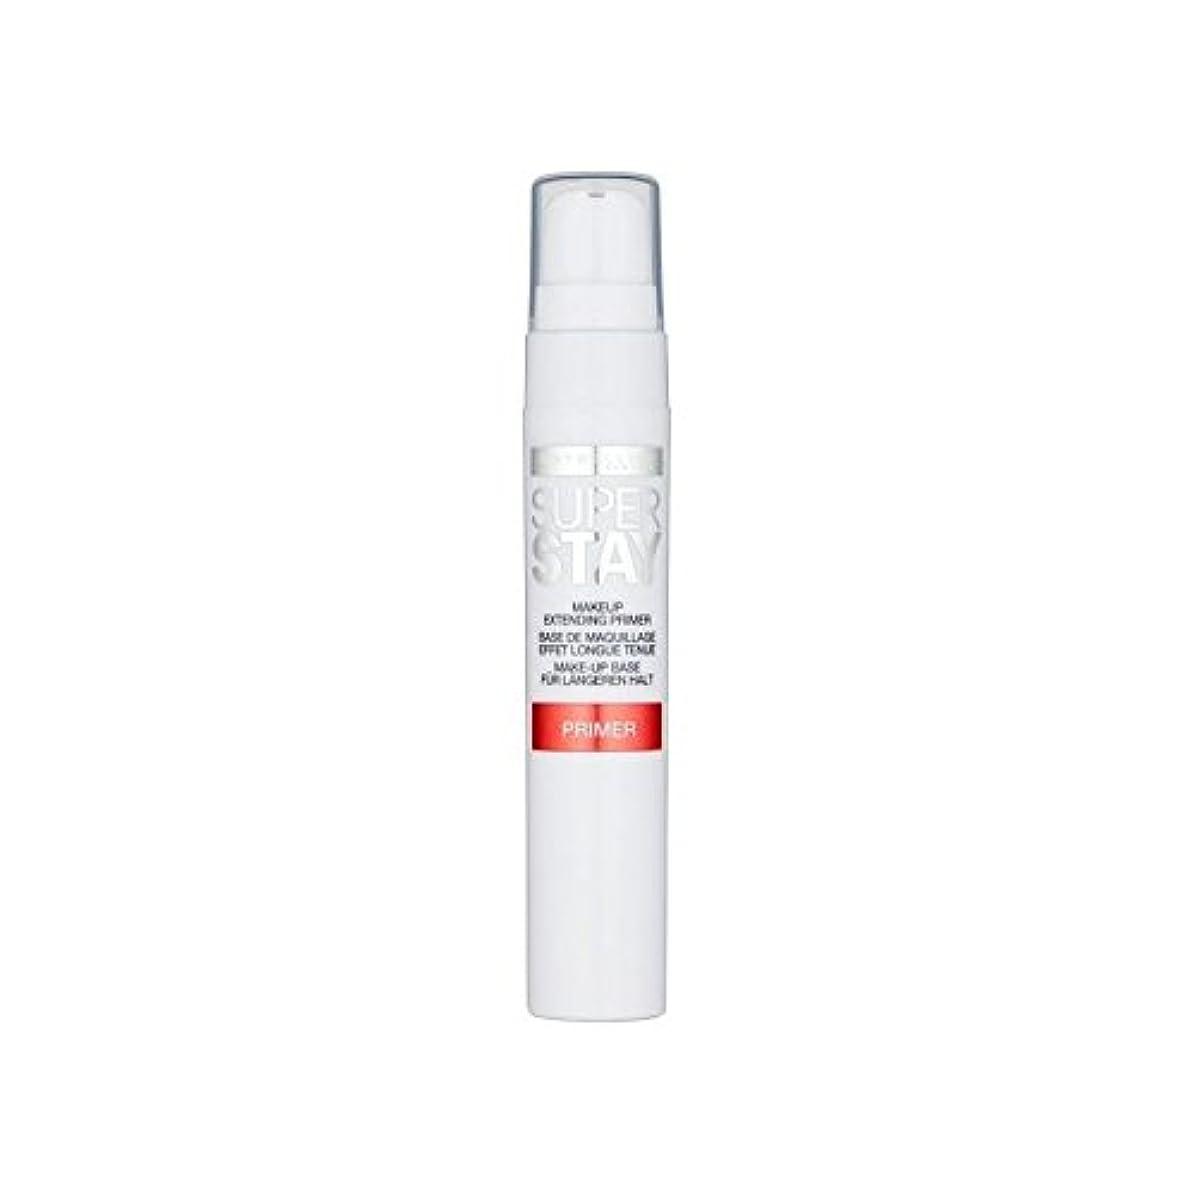 製油所敵オフセットMaybelline Face Superstay 24H Primer (Pack of 6) - メイベリン顔 24とプライマー x6 [並行輸入品]